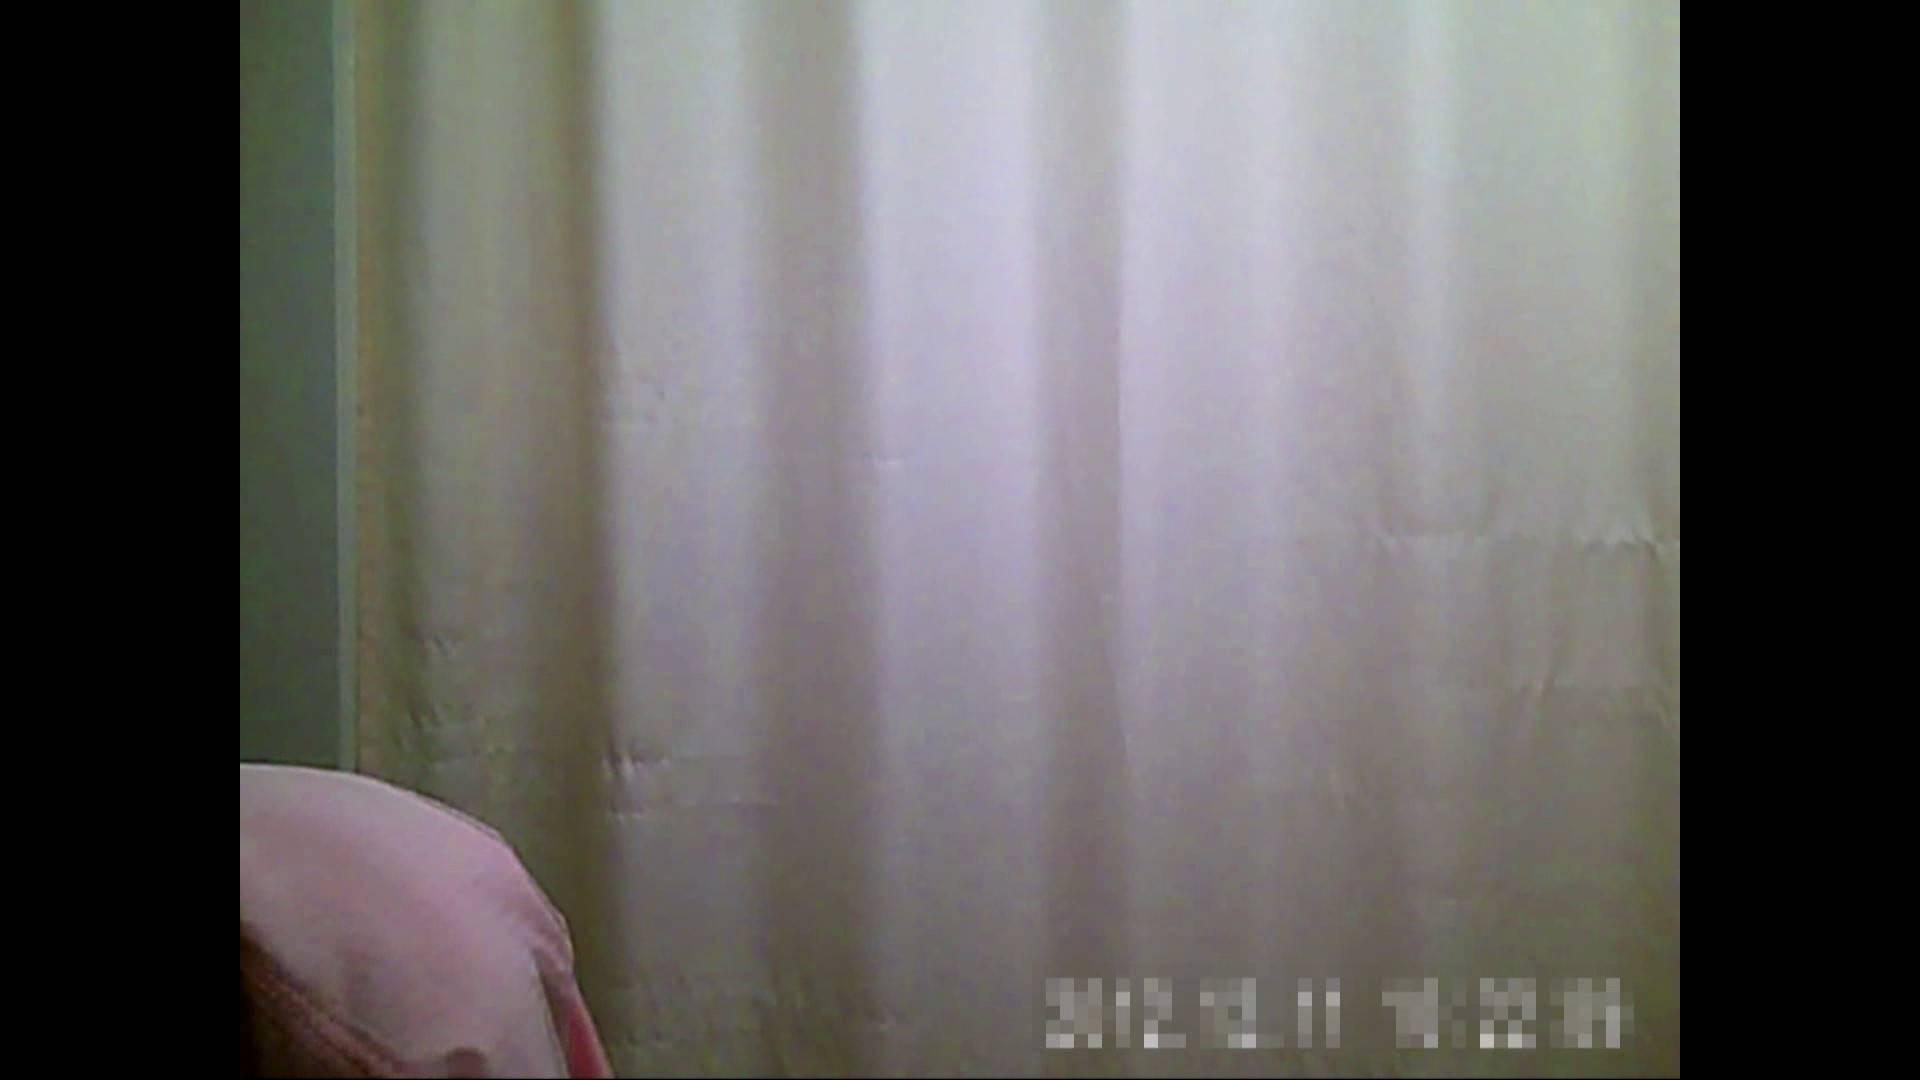 病院おもいっきり着替え! vol.174 盗撮 オメコ無修正動画無料 85画像 23